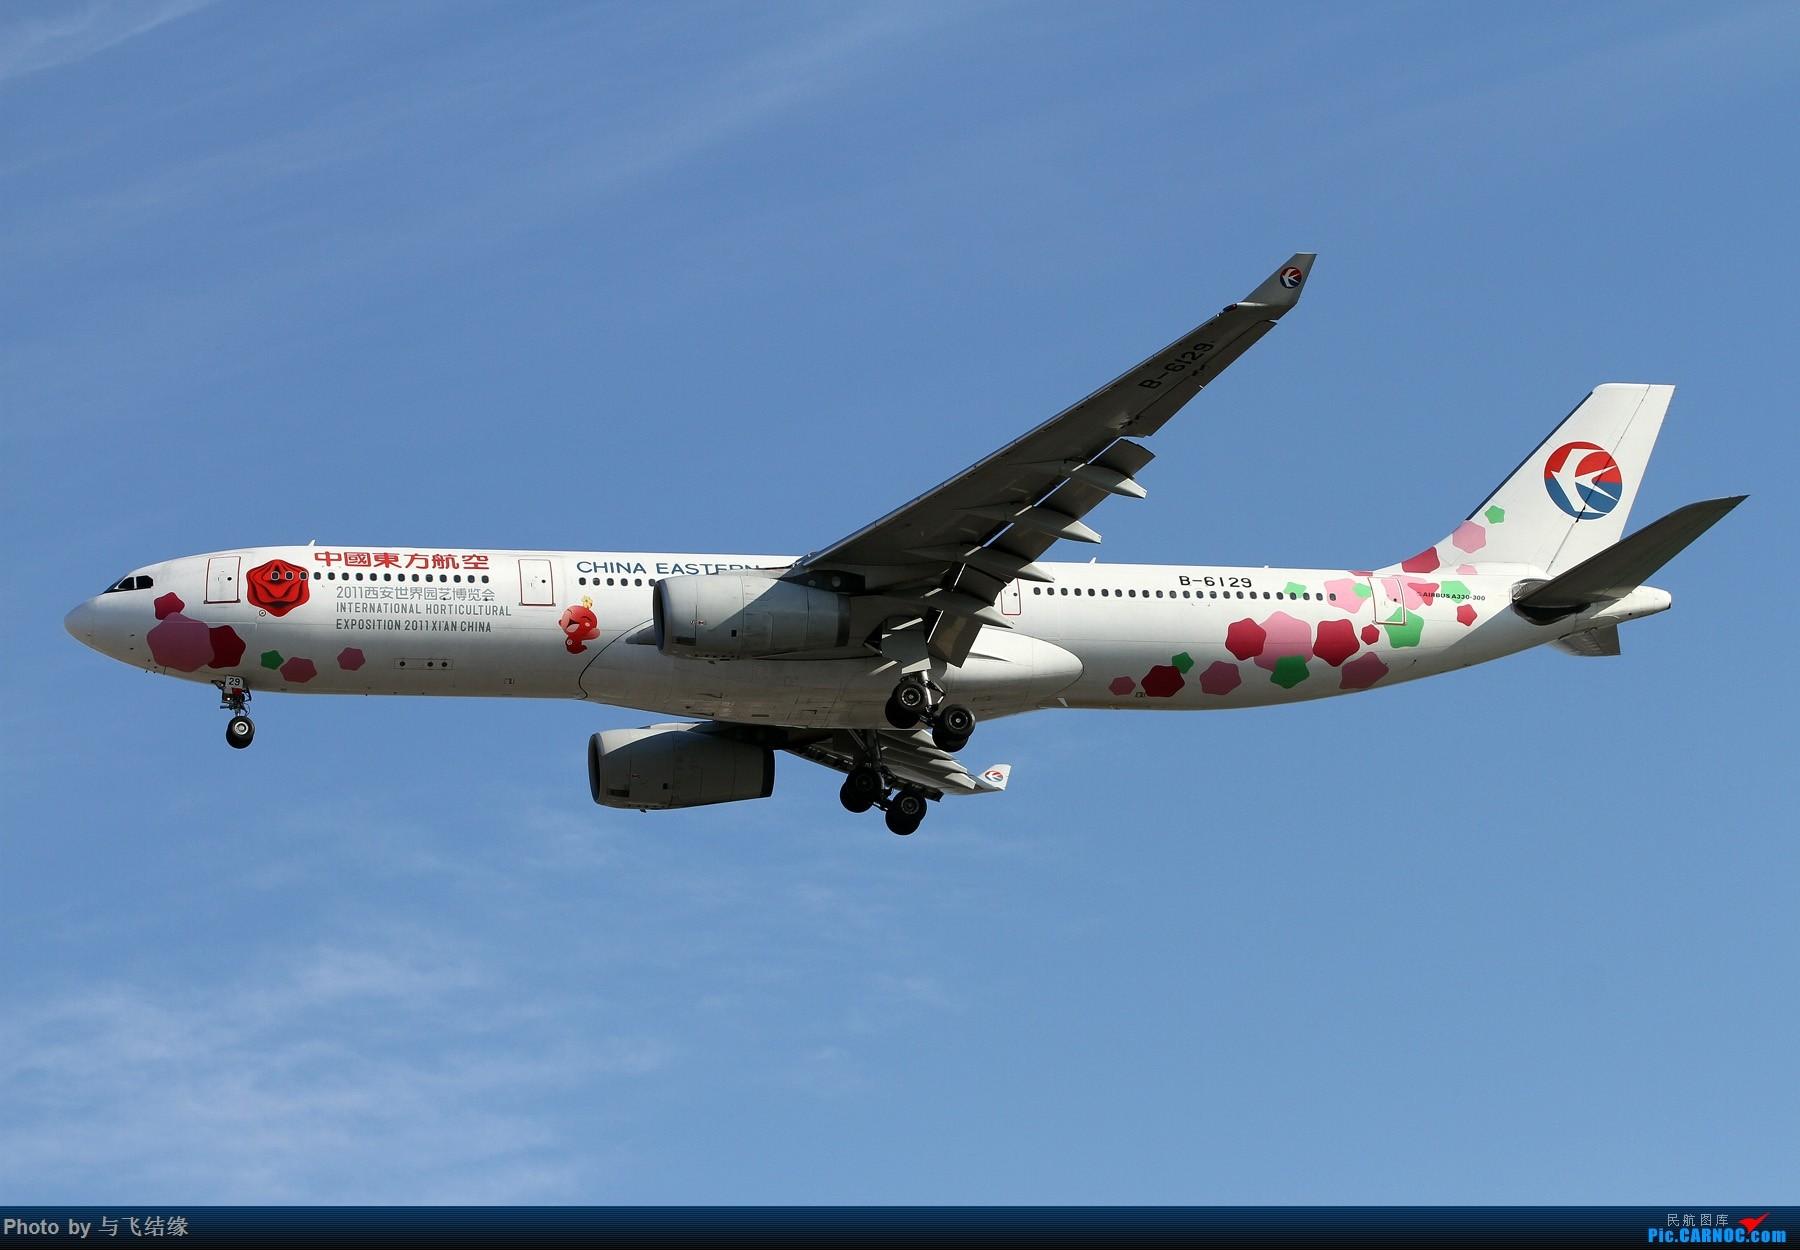 Re:[原创]十二月十号天气不错,楼了几张拙作出来露个脸发一下。 AIRBUS A330-300 B-6129 中国北京首都国际机场